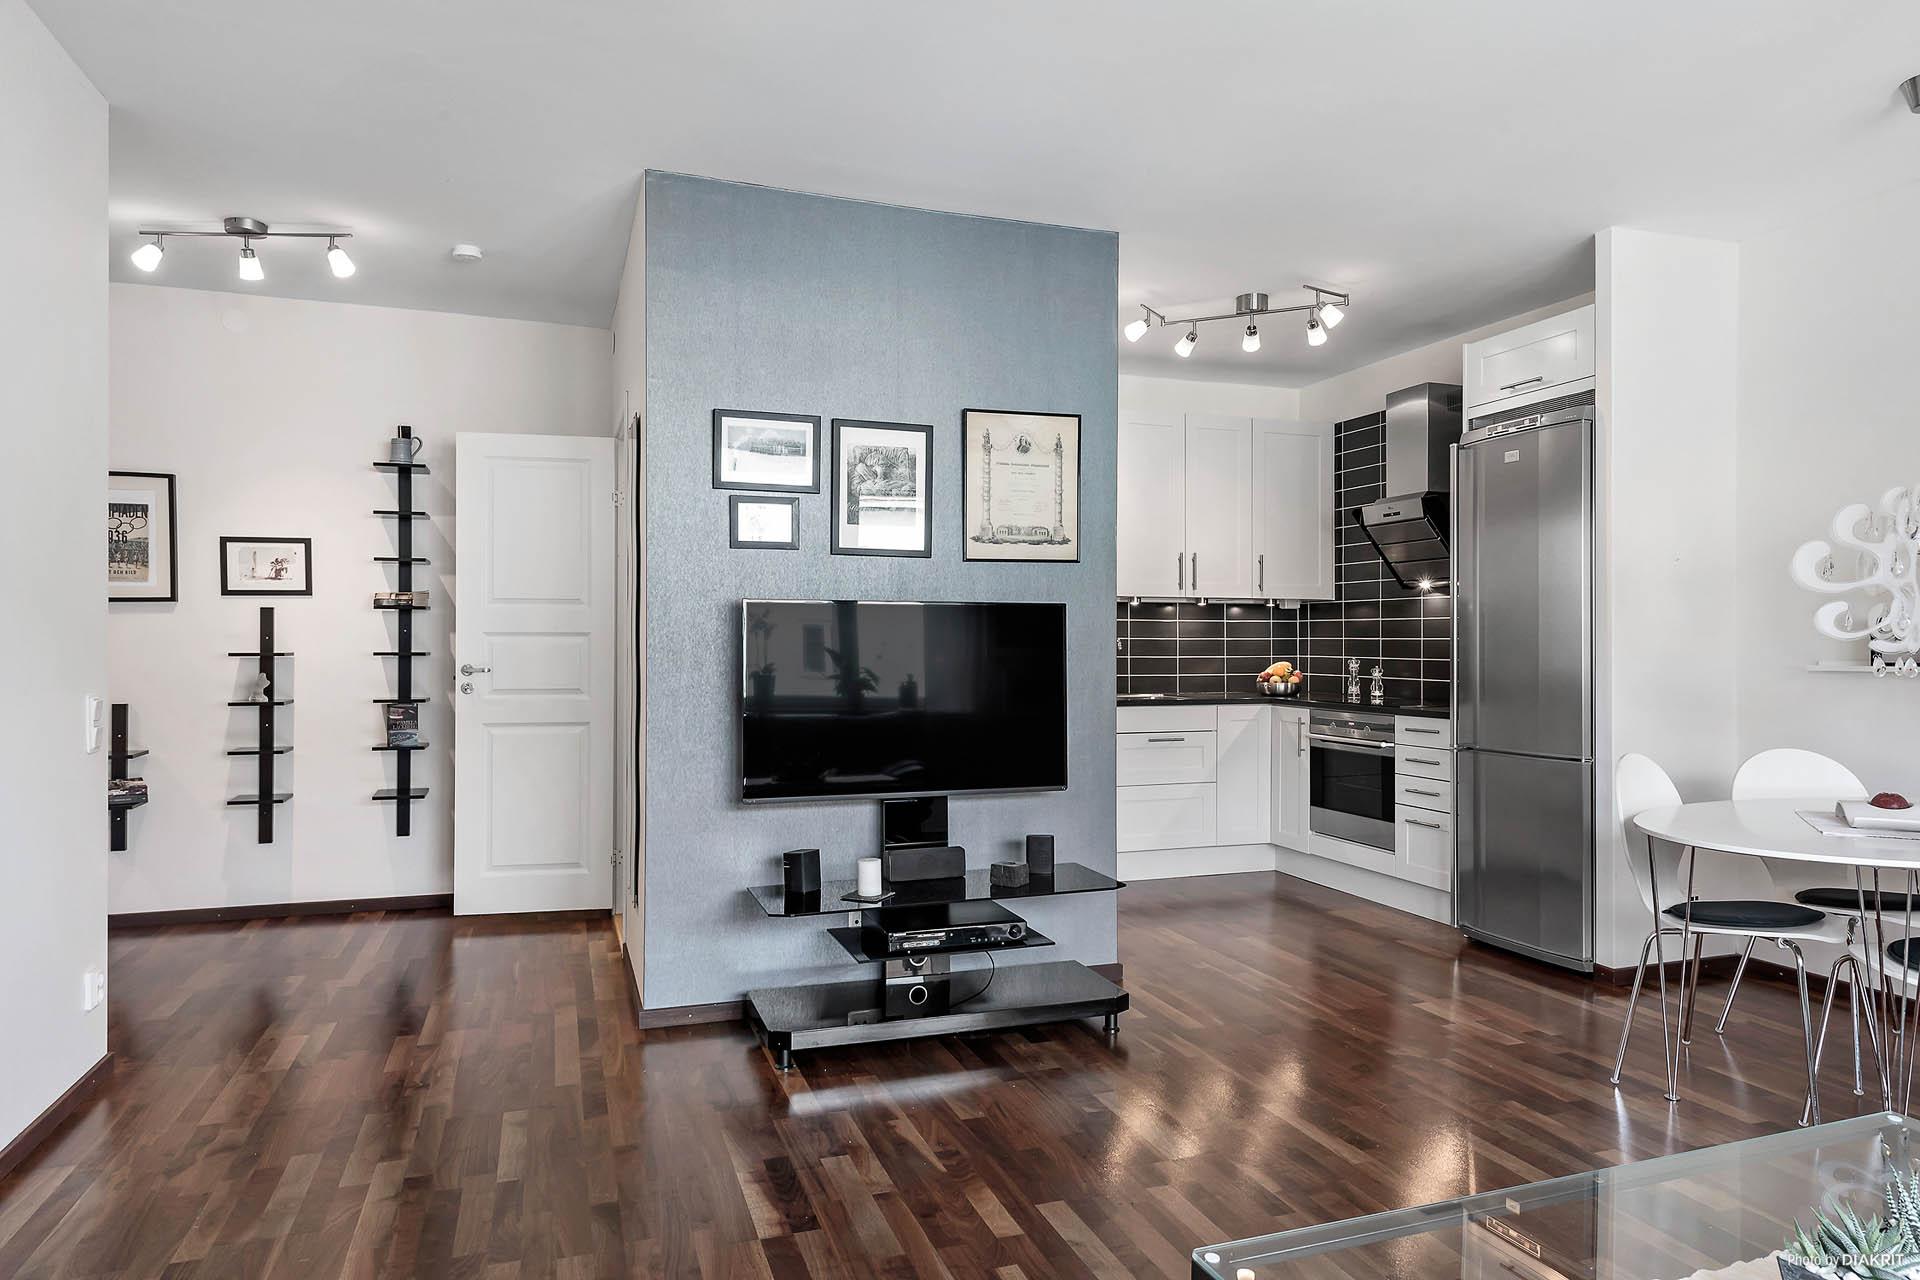 Öppen planlösning mellan kök och vardagsrum, perfekt placering av TV:n i mitten